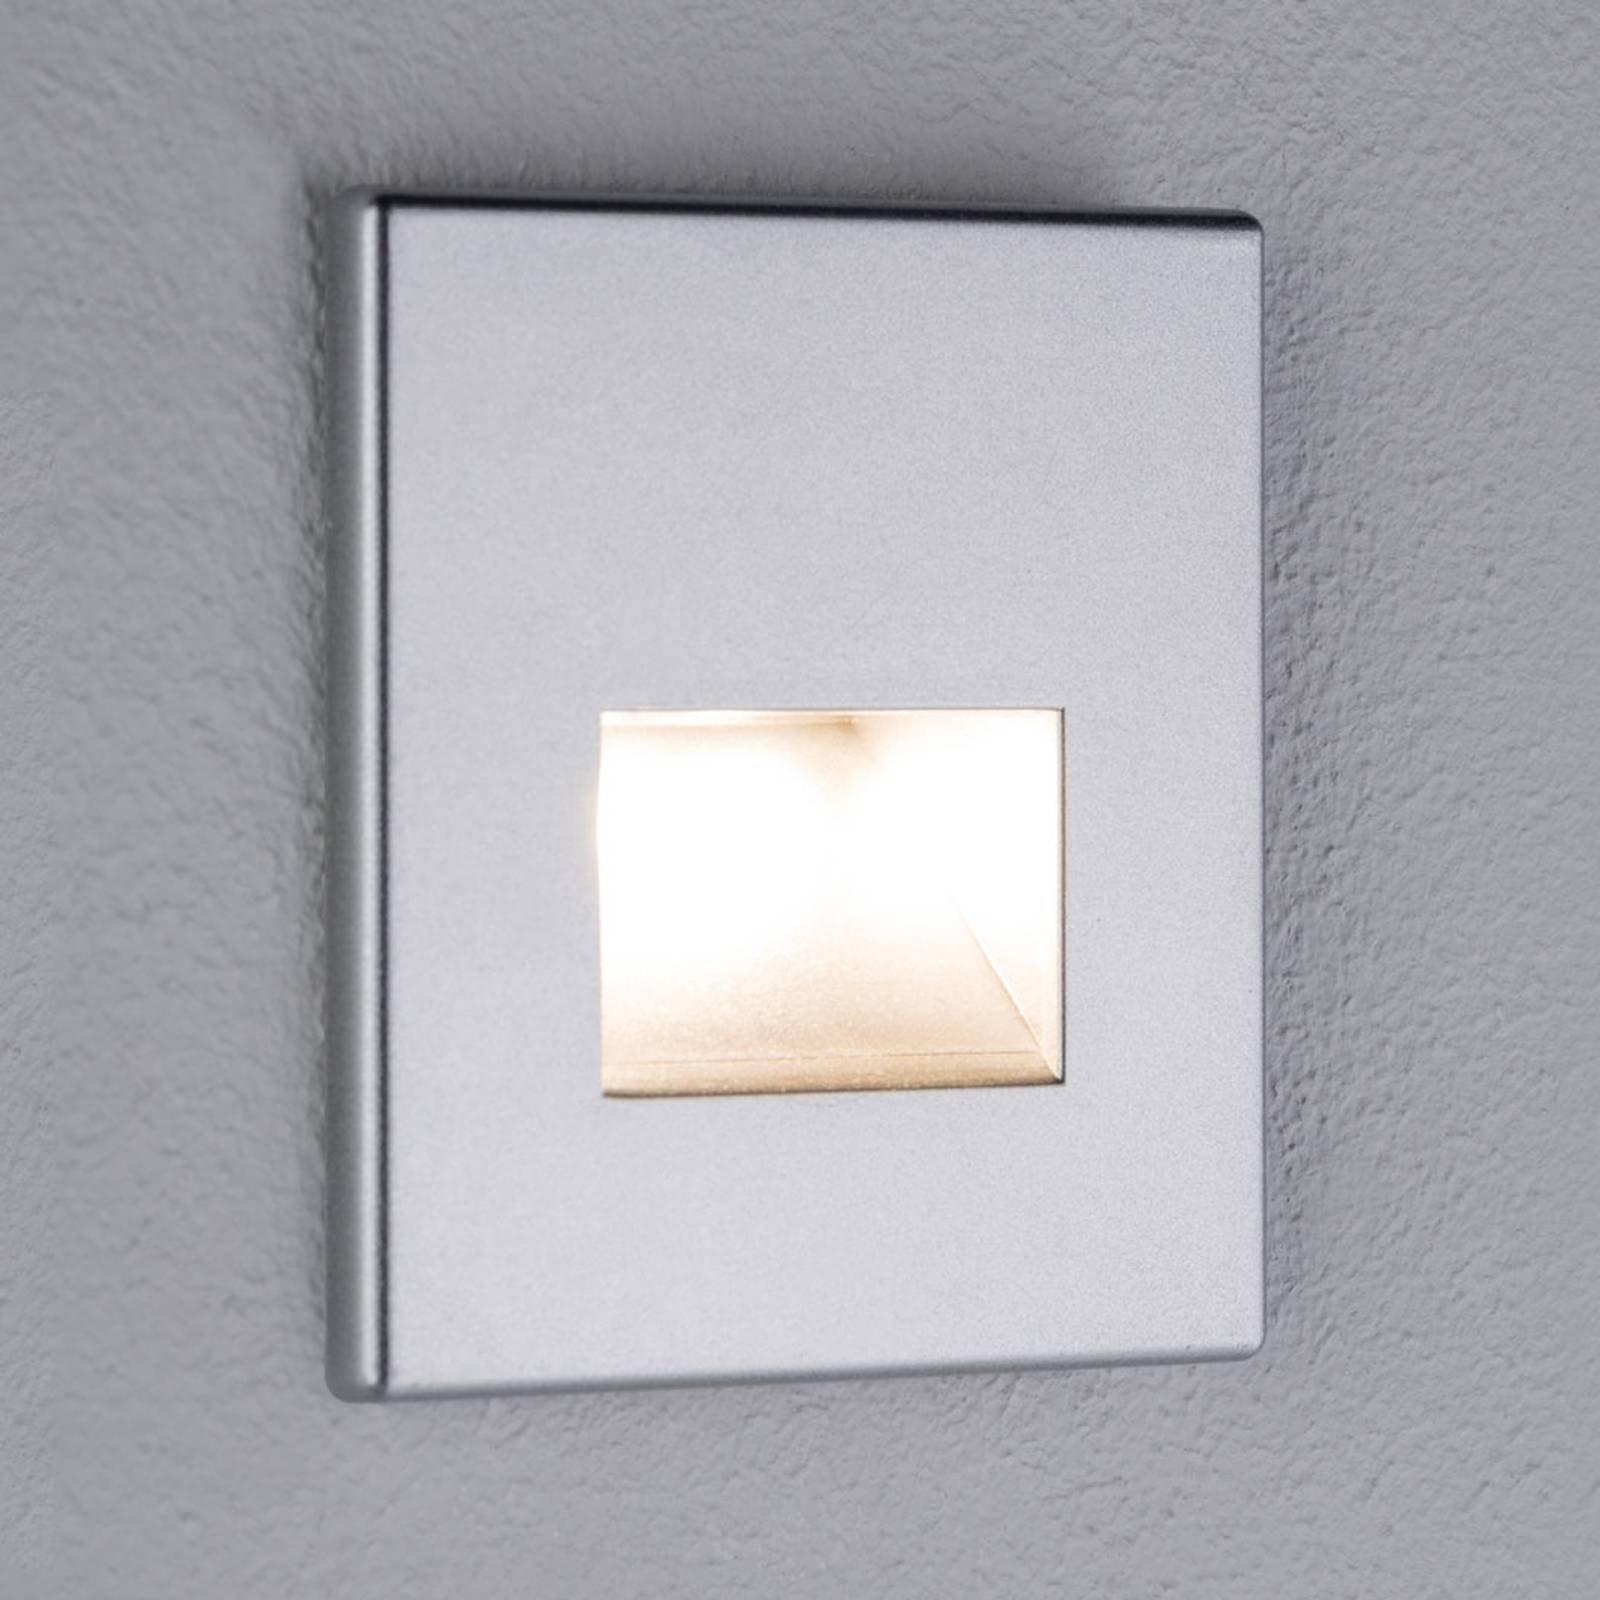 Paulmann LED-vegginnfellingslampe Edge, matt krom